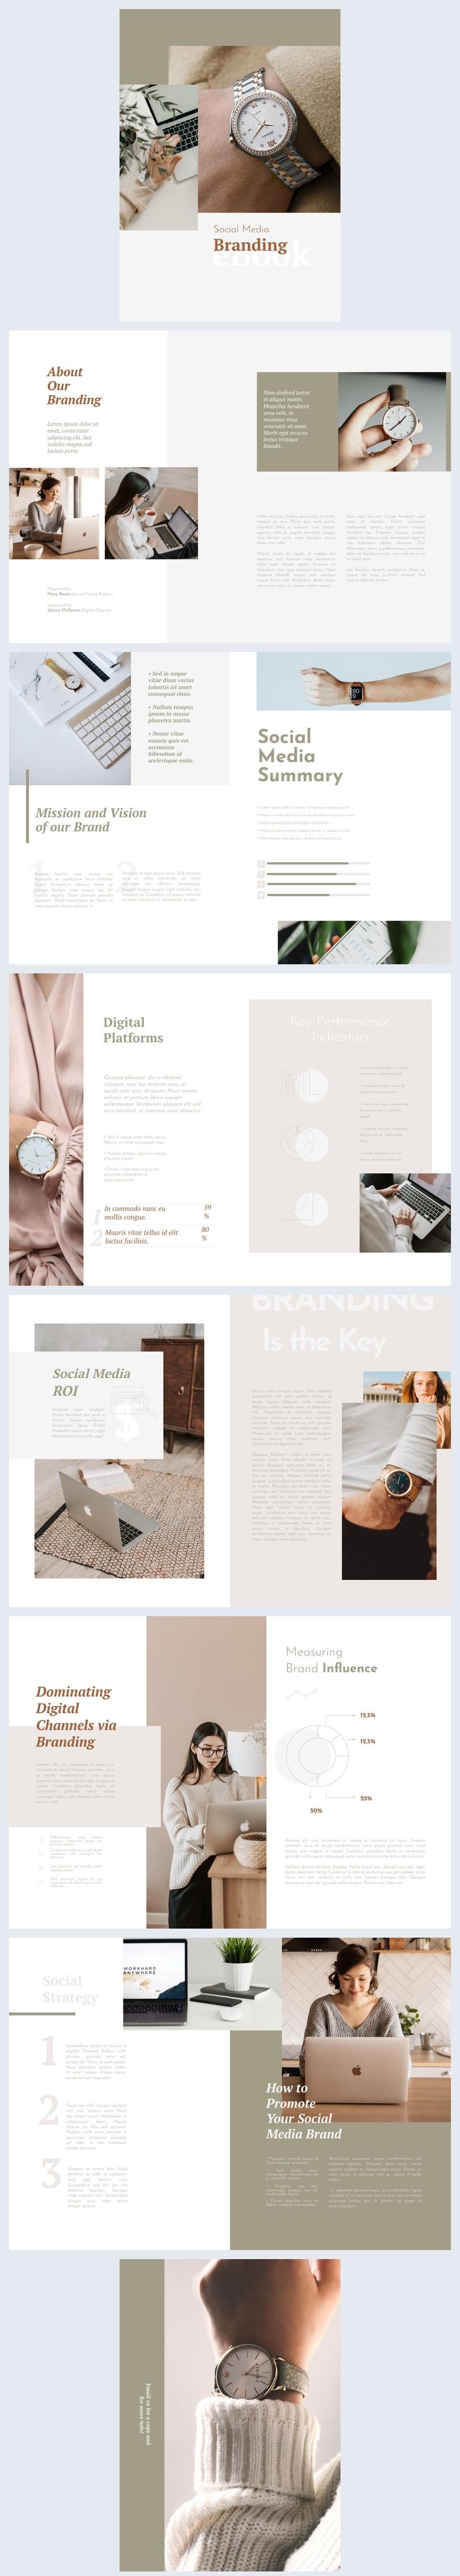 Exemple et design d'eBook de marque pour les réseaux sociaux